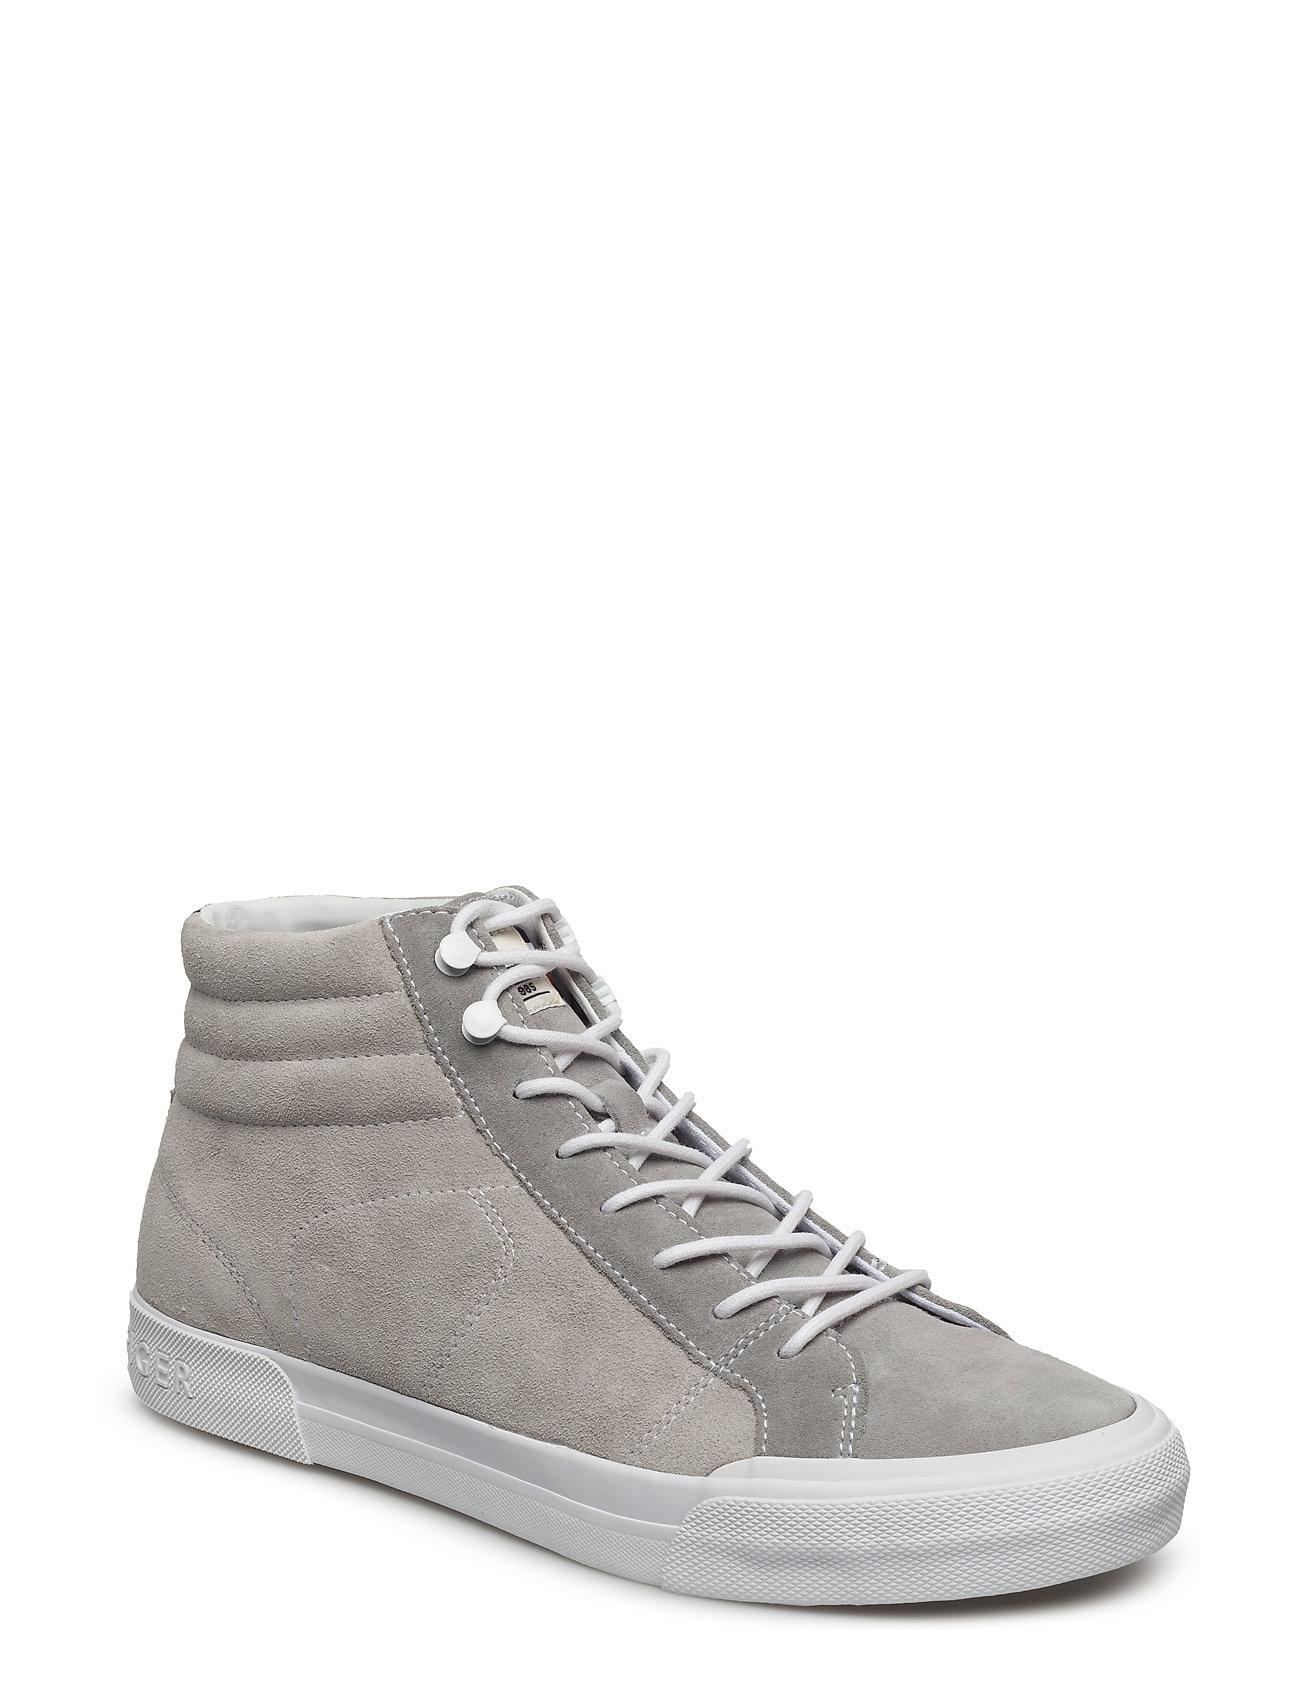 Y2285armouth 3b Tommy Hilfiger Sneakers til Herrer i